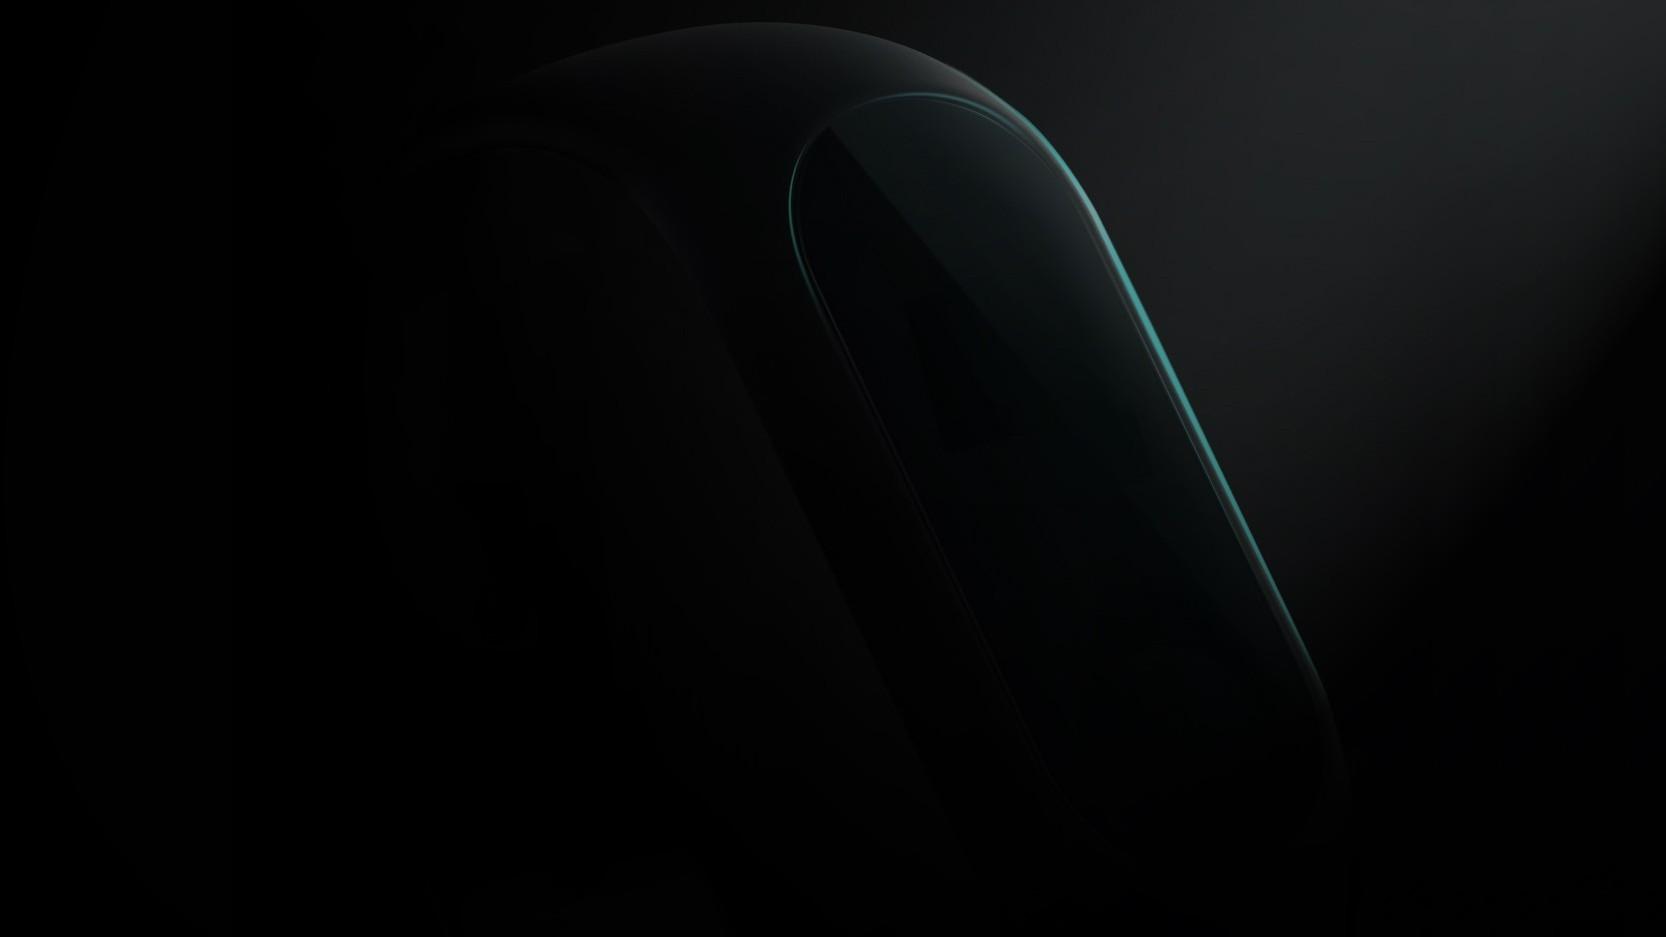 Официально: Xiaomi Mi Band 3 представят 31 мая